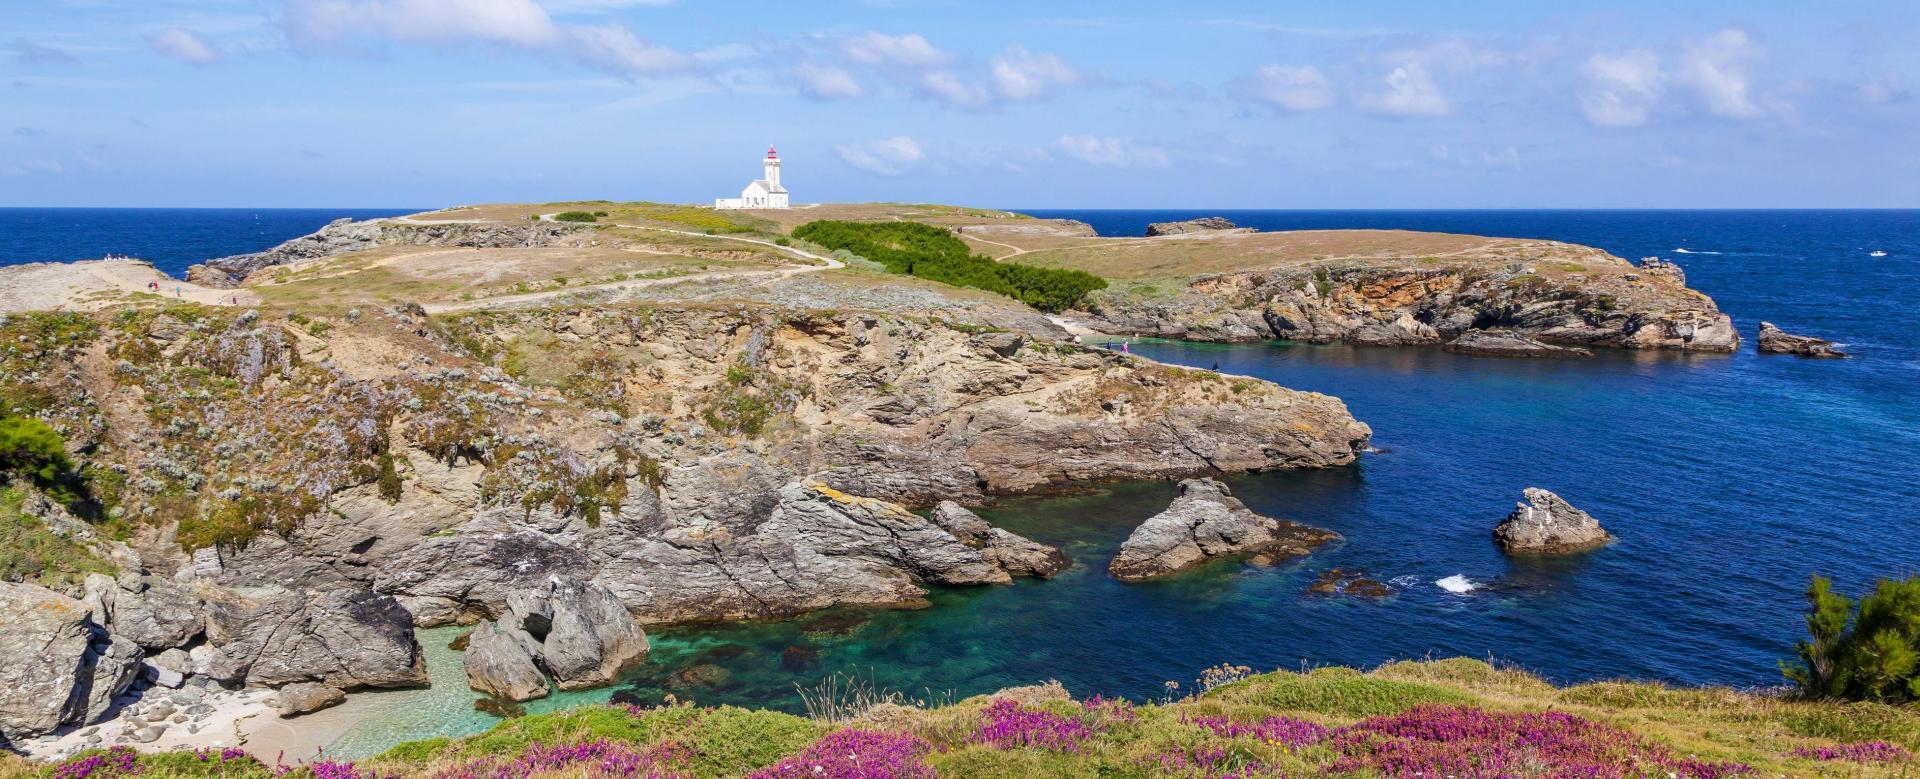 Voyage sur l'eau : Bretagne : Belle-ile-en-mer